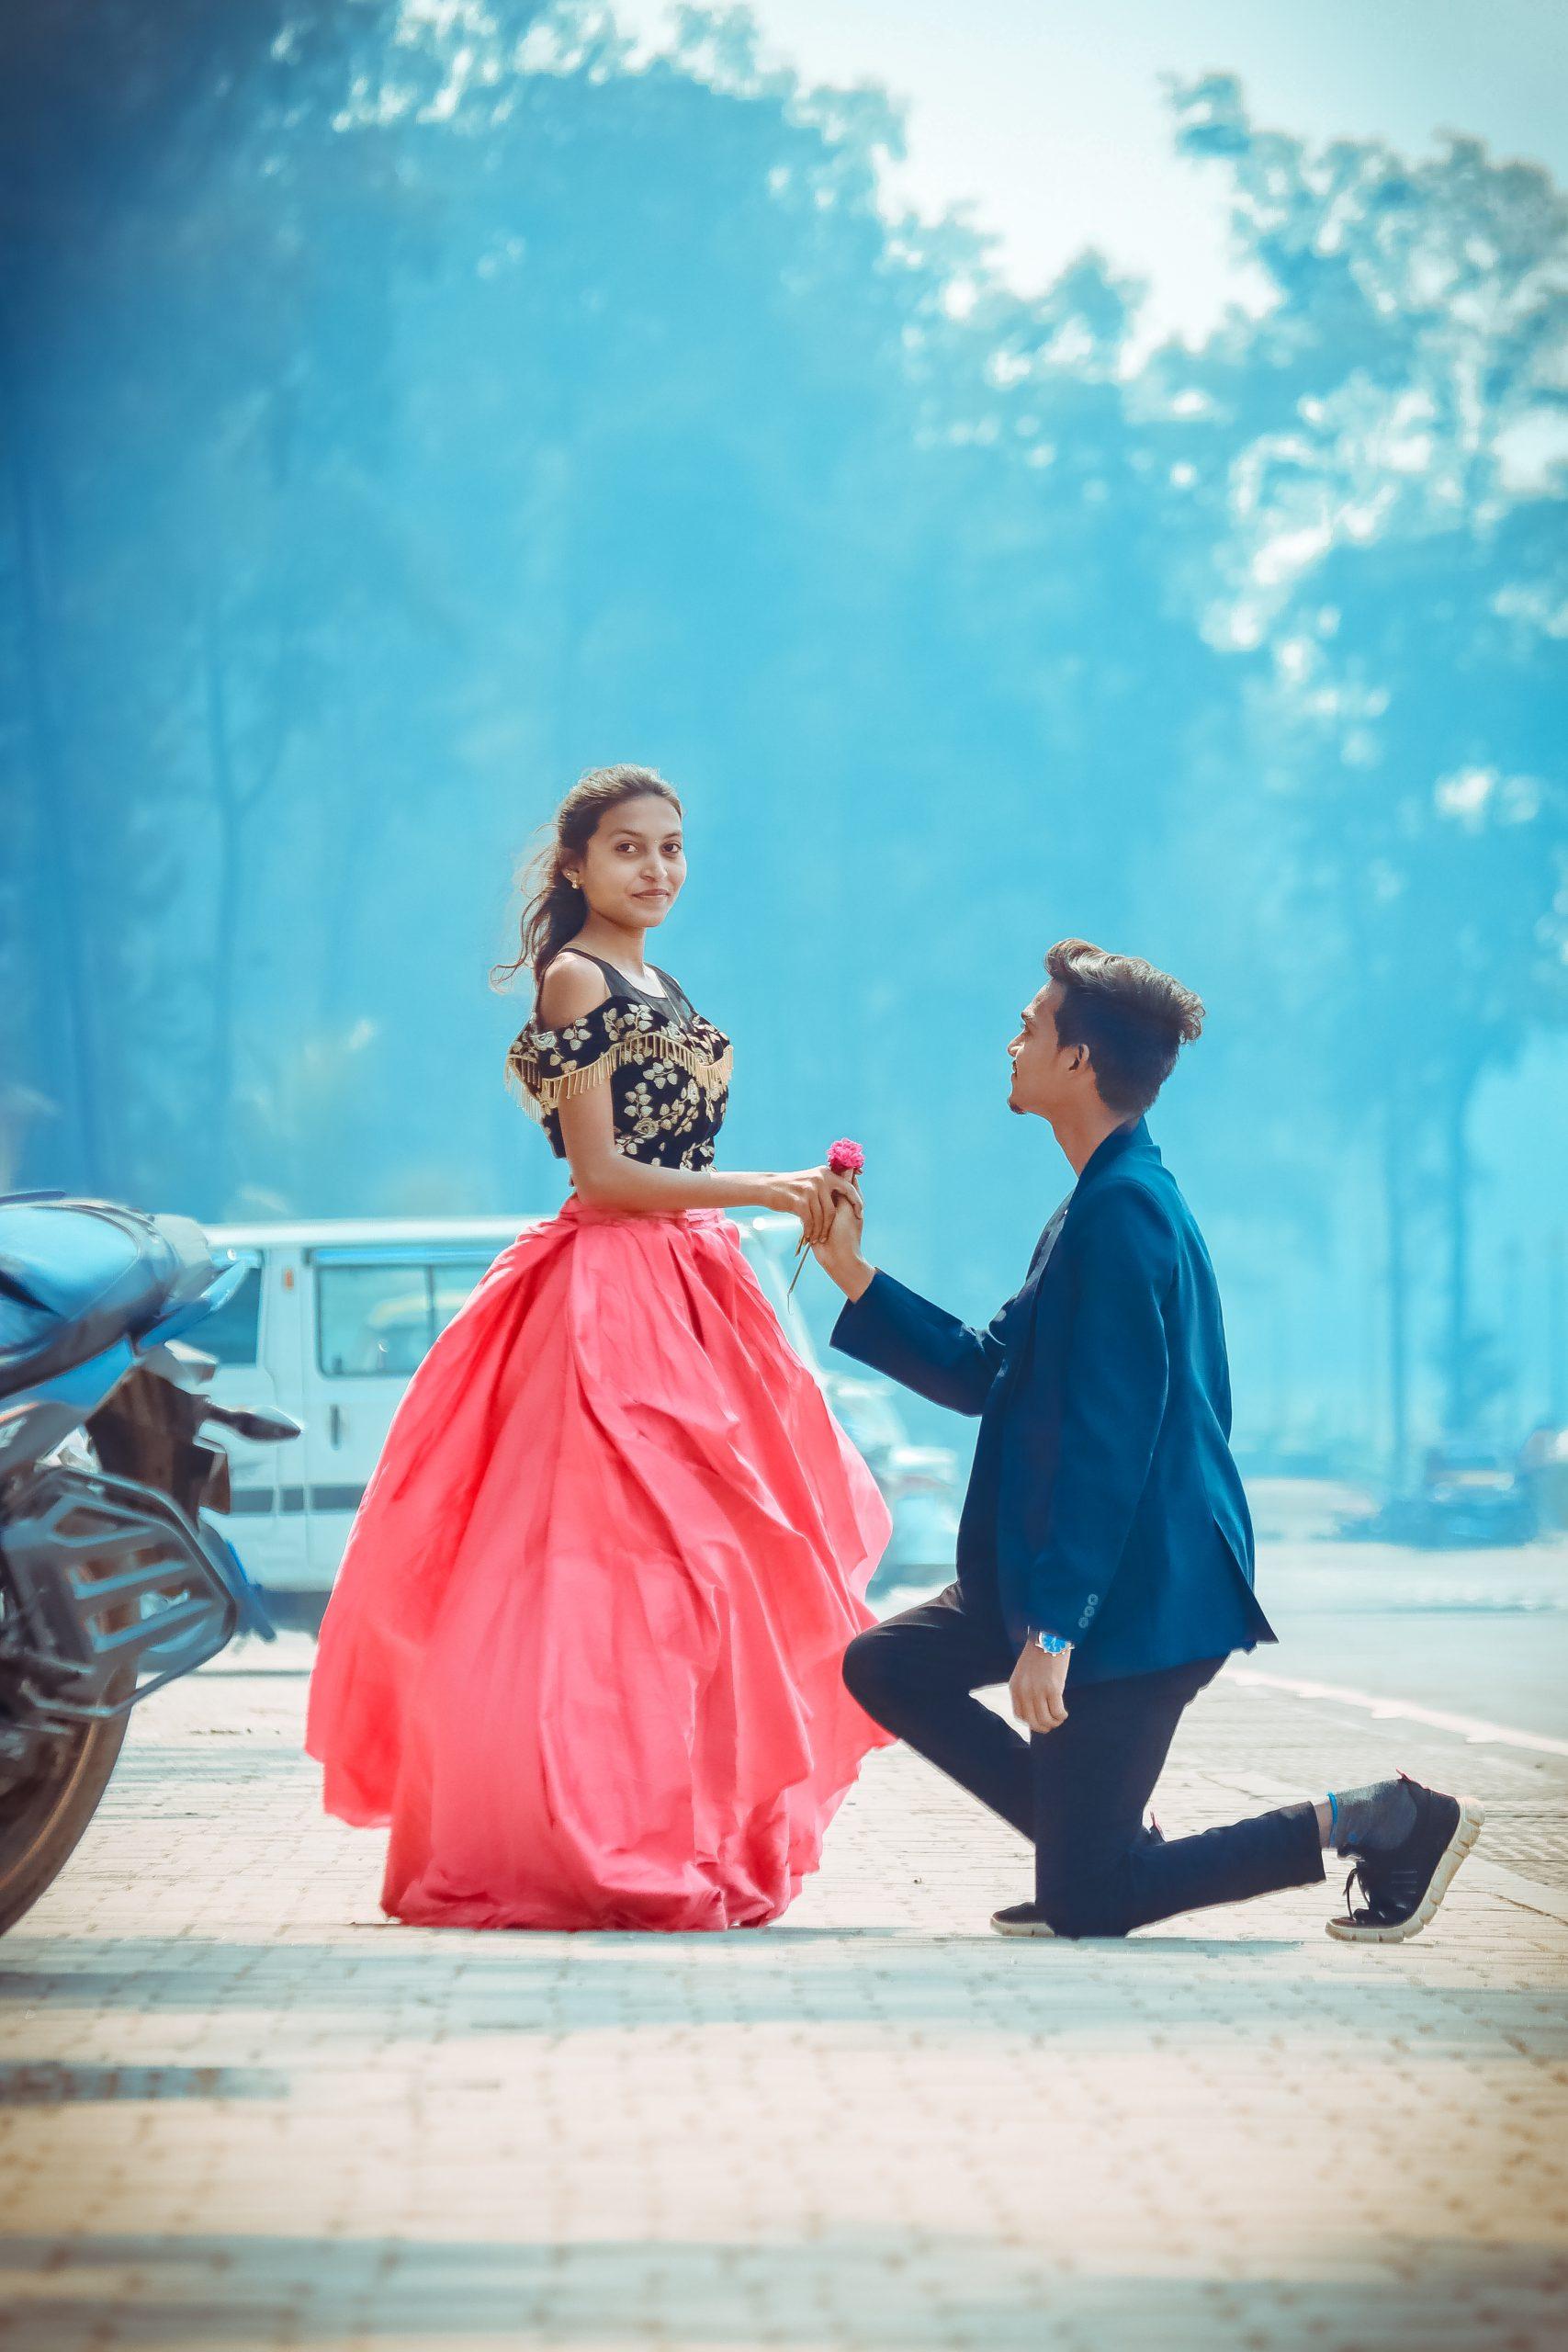 A boy proposing a girl